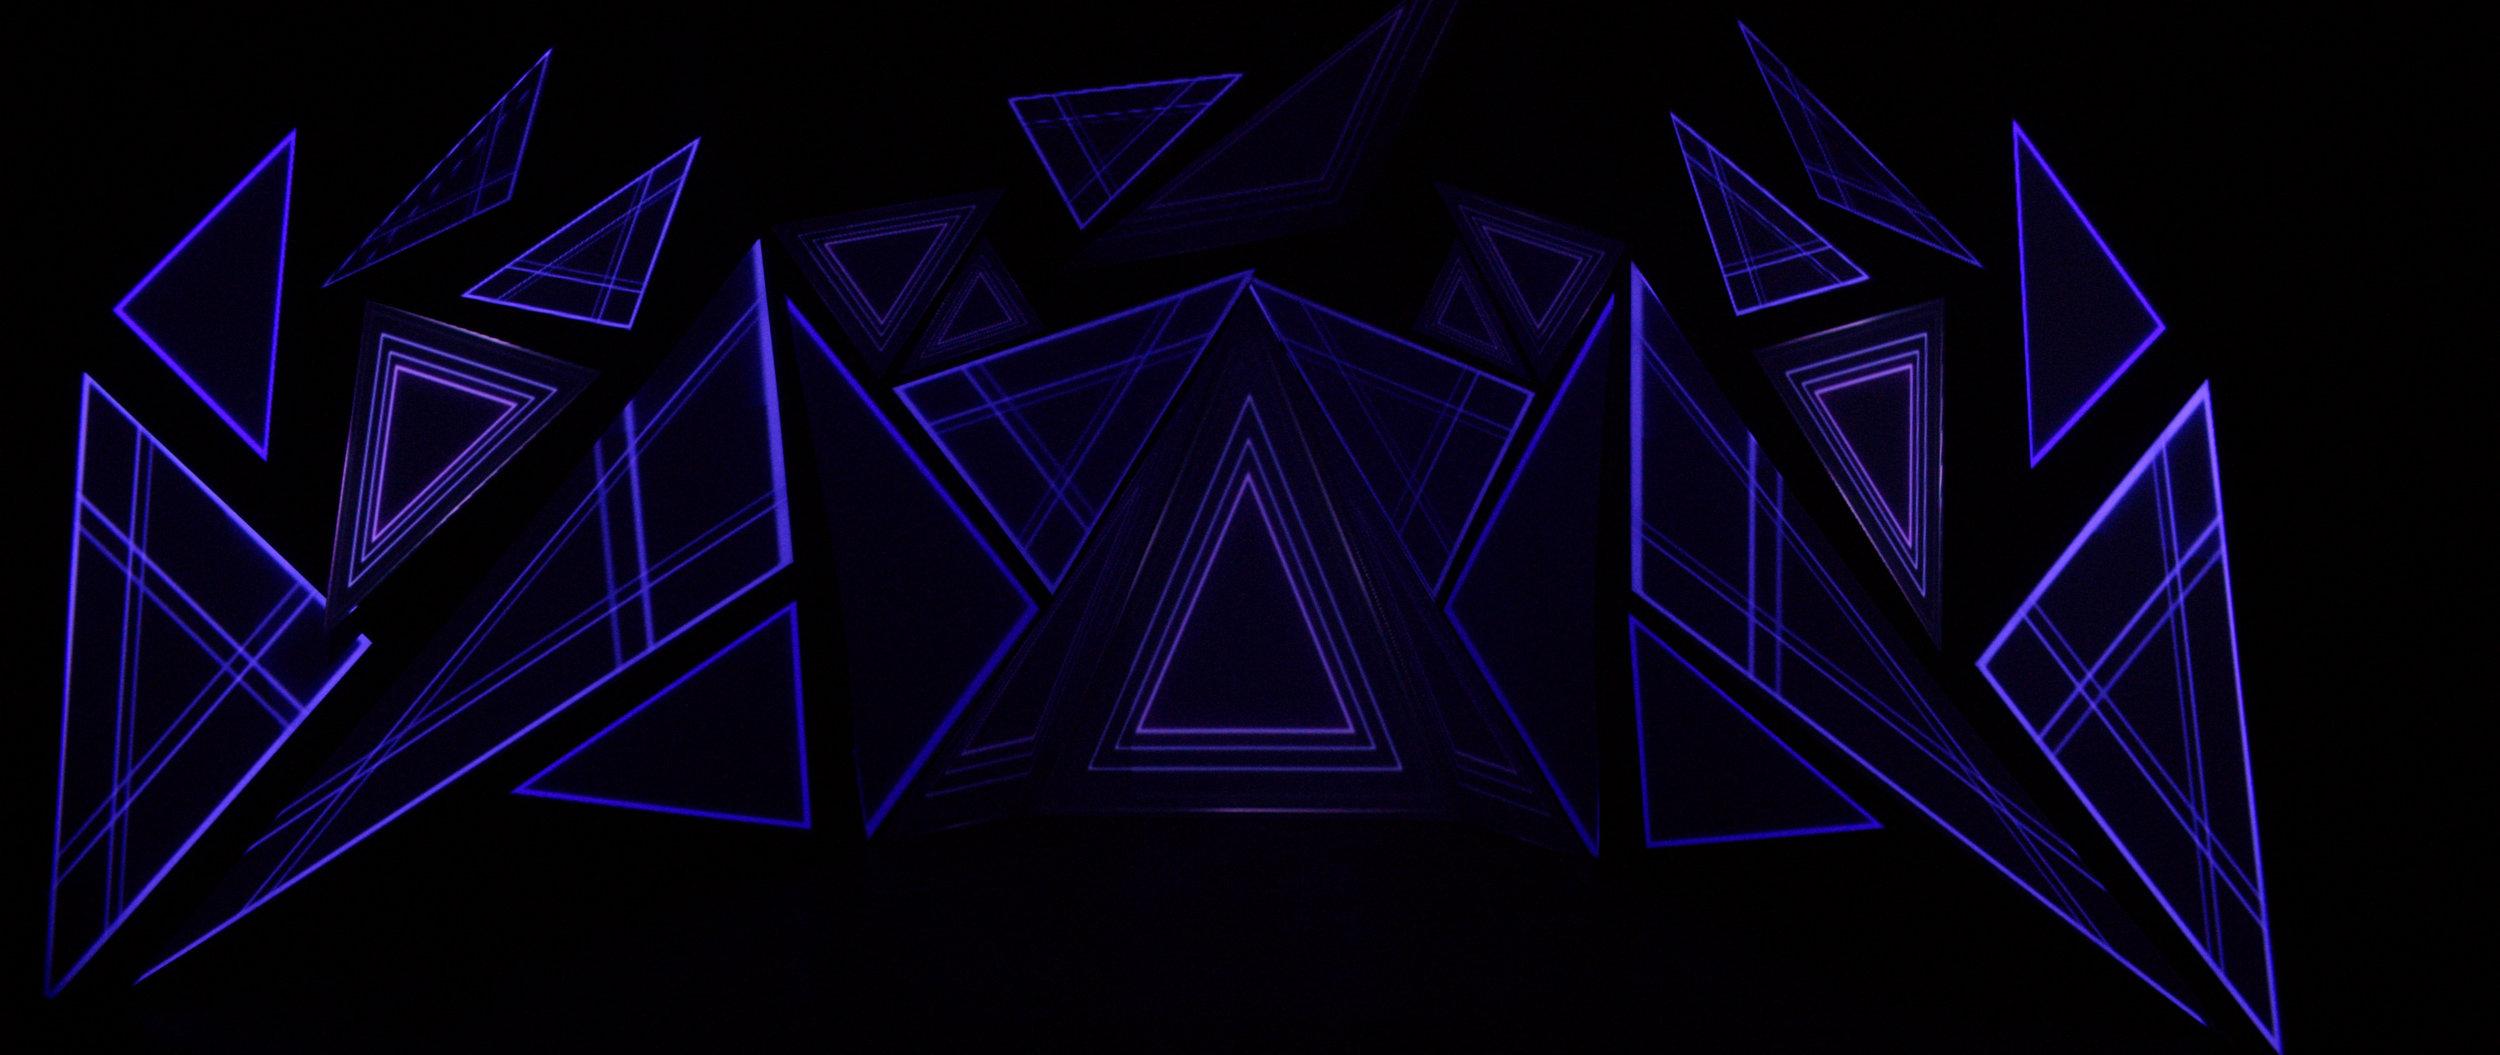 triangleroom_06.jpg